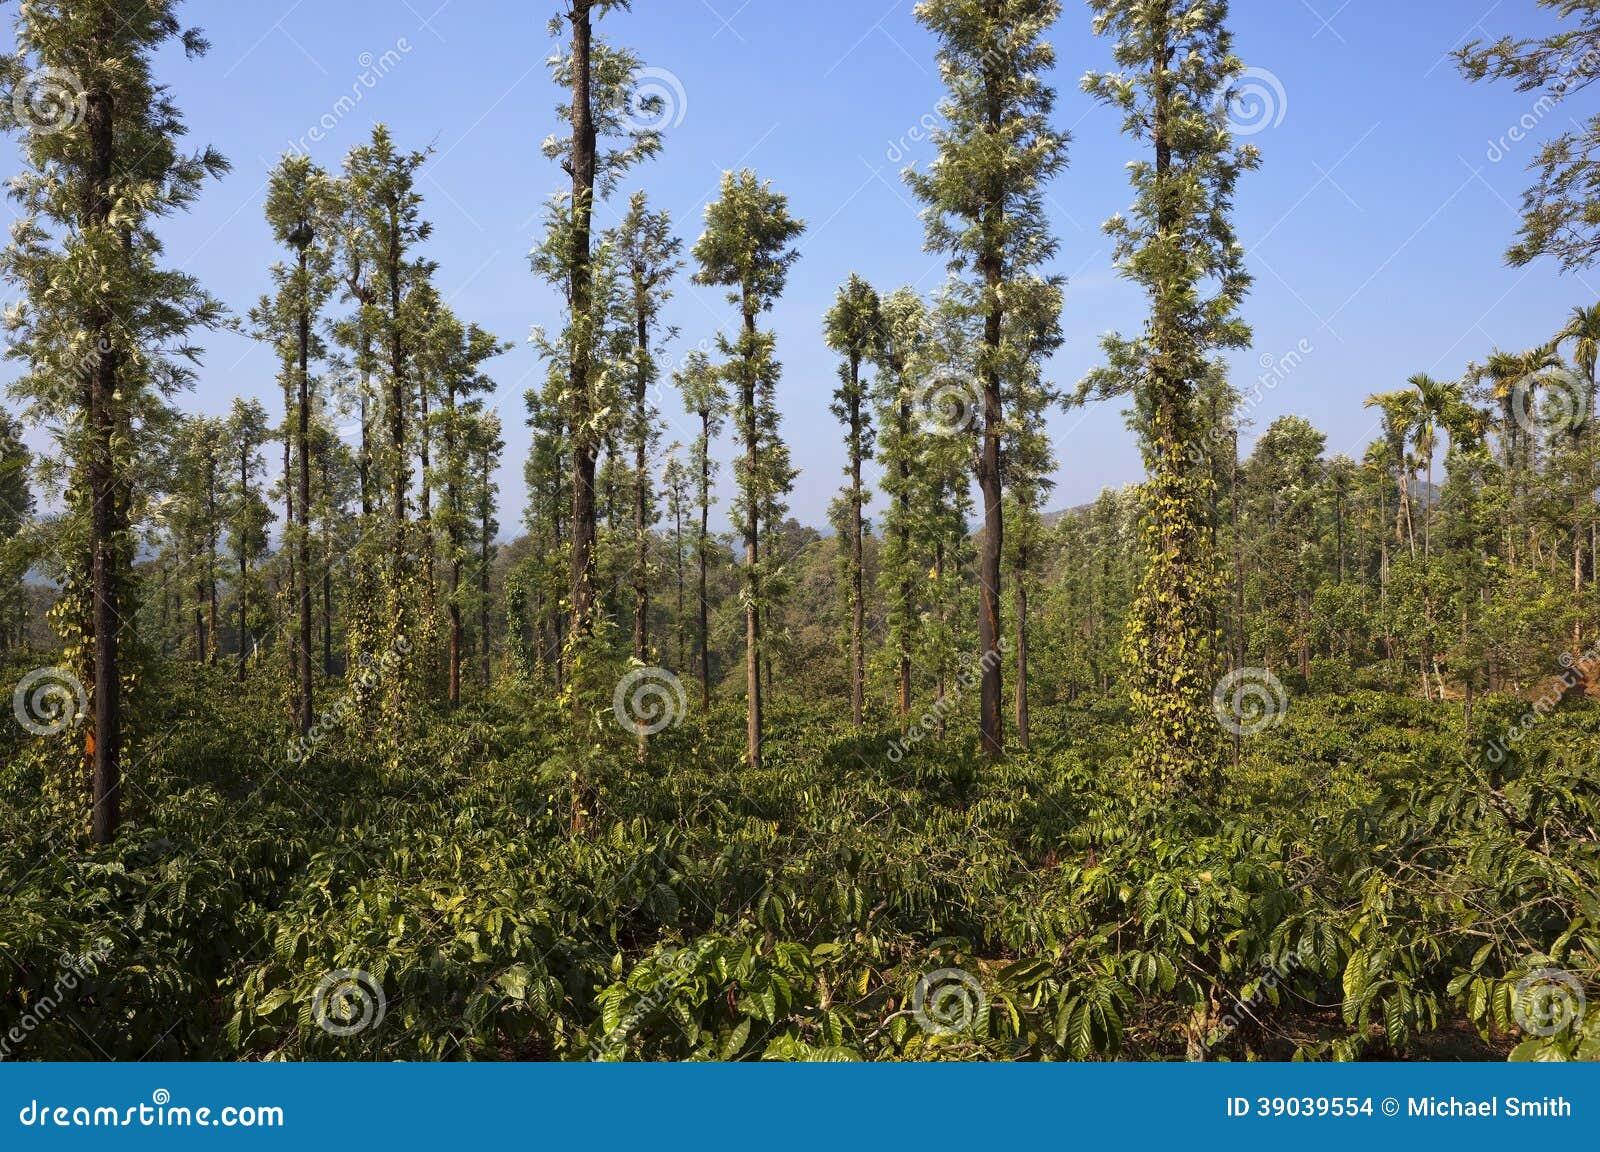 ... oak trees in the fertile landscape of wayanad in kerala south india